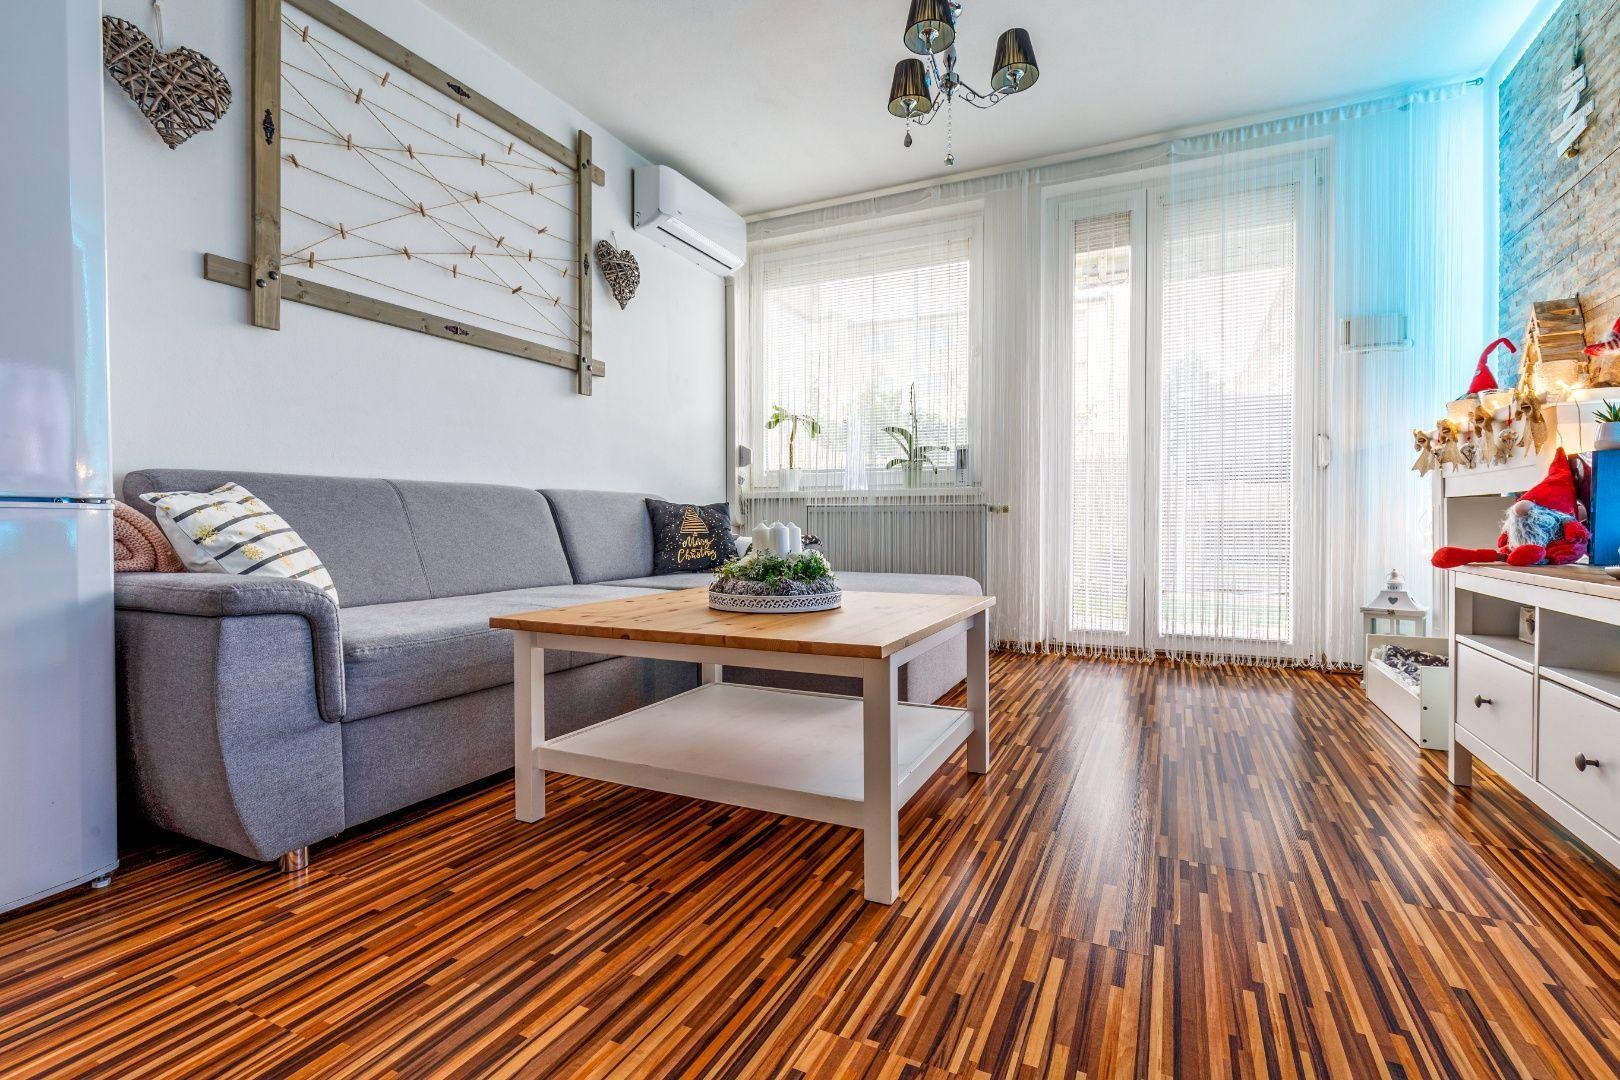 2-izbový byt-Predaj-Svätý Jur-127 000 €